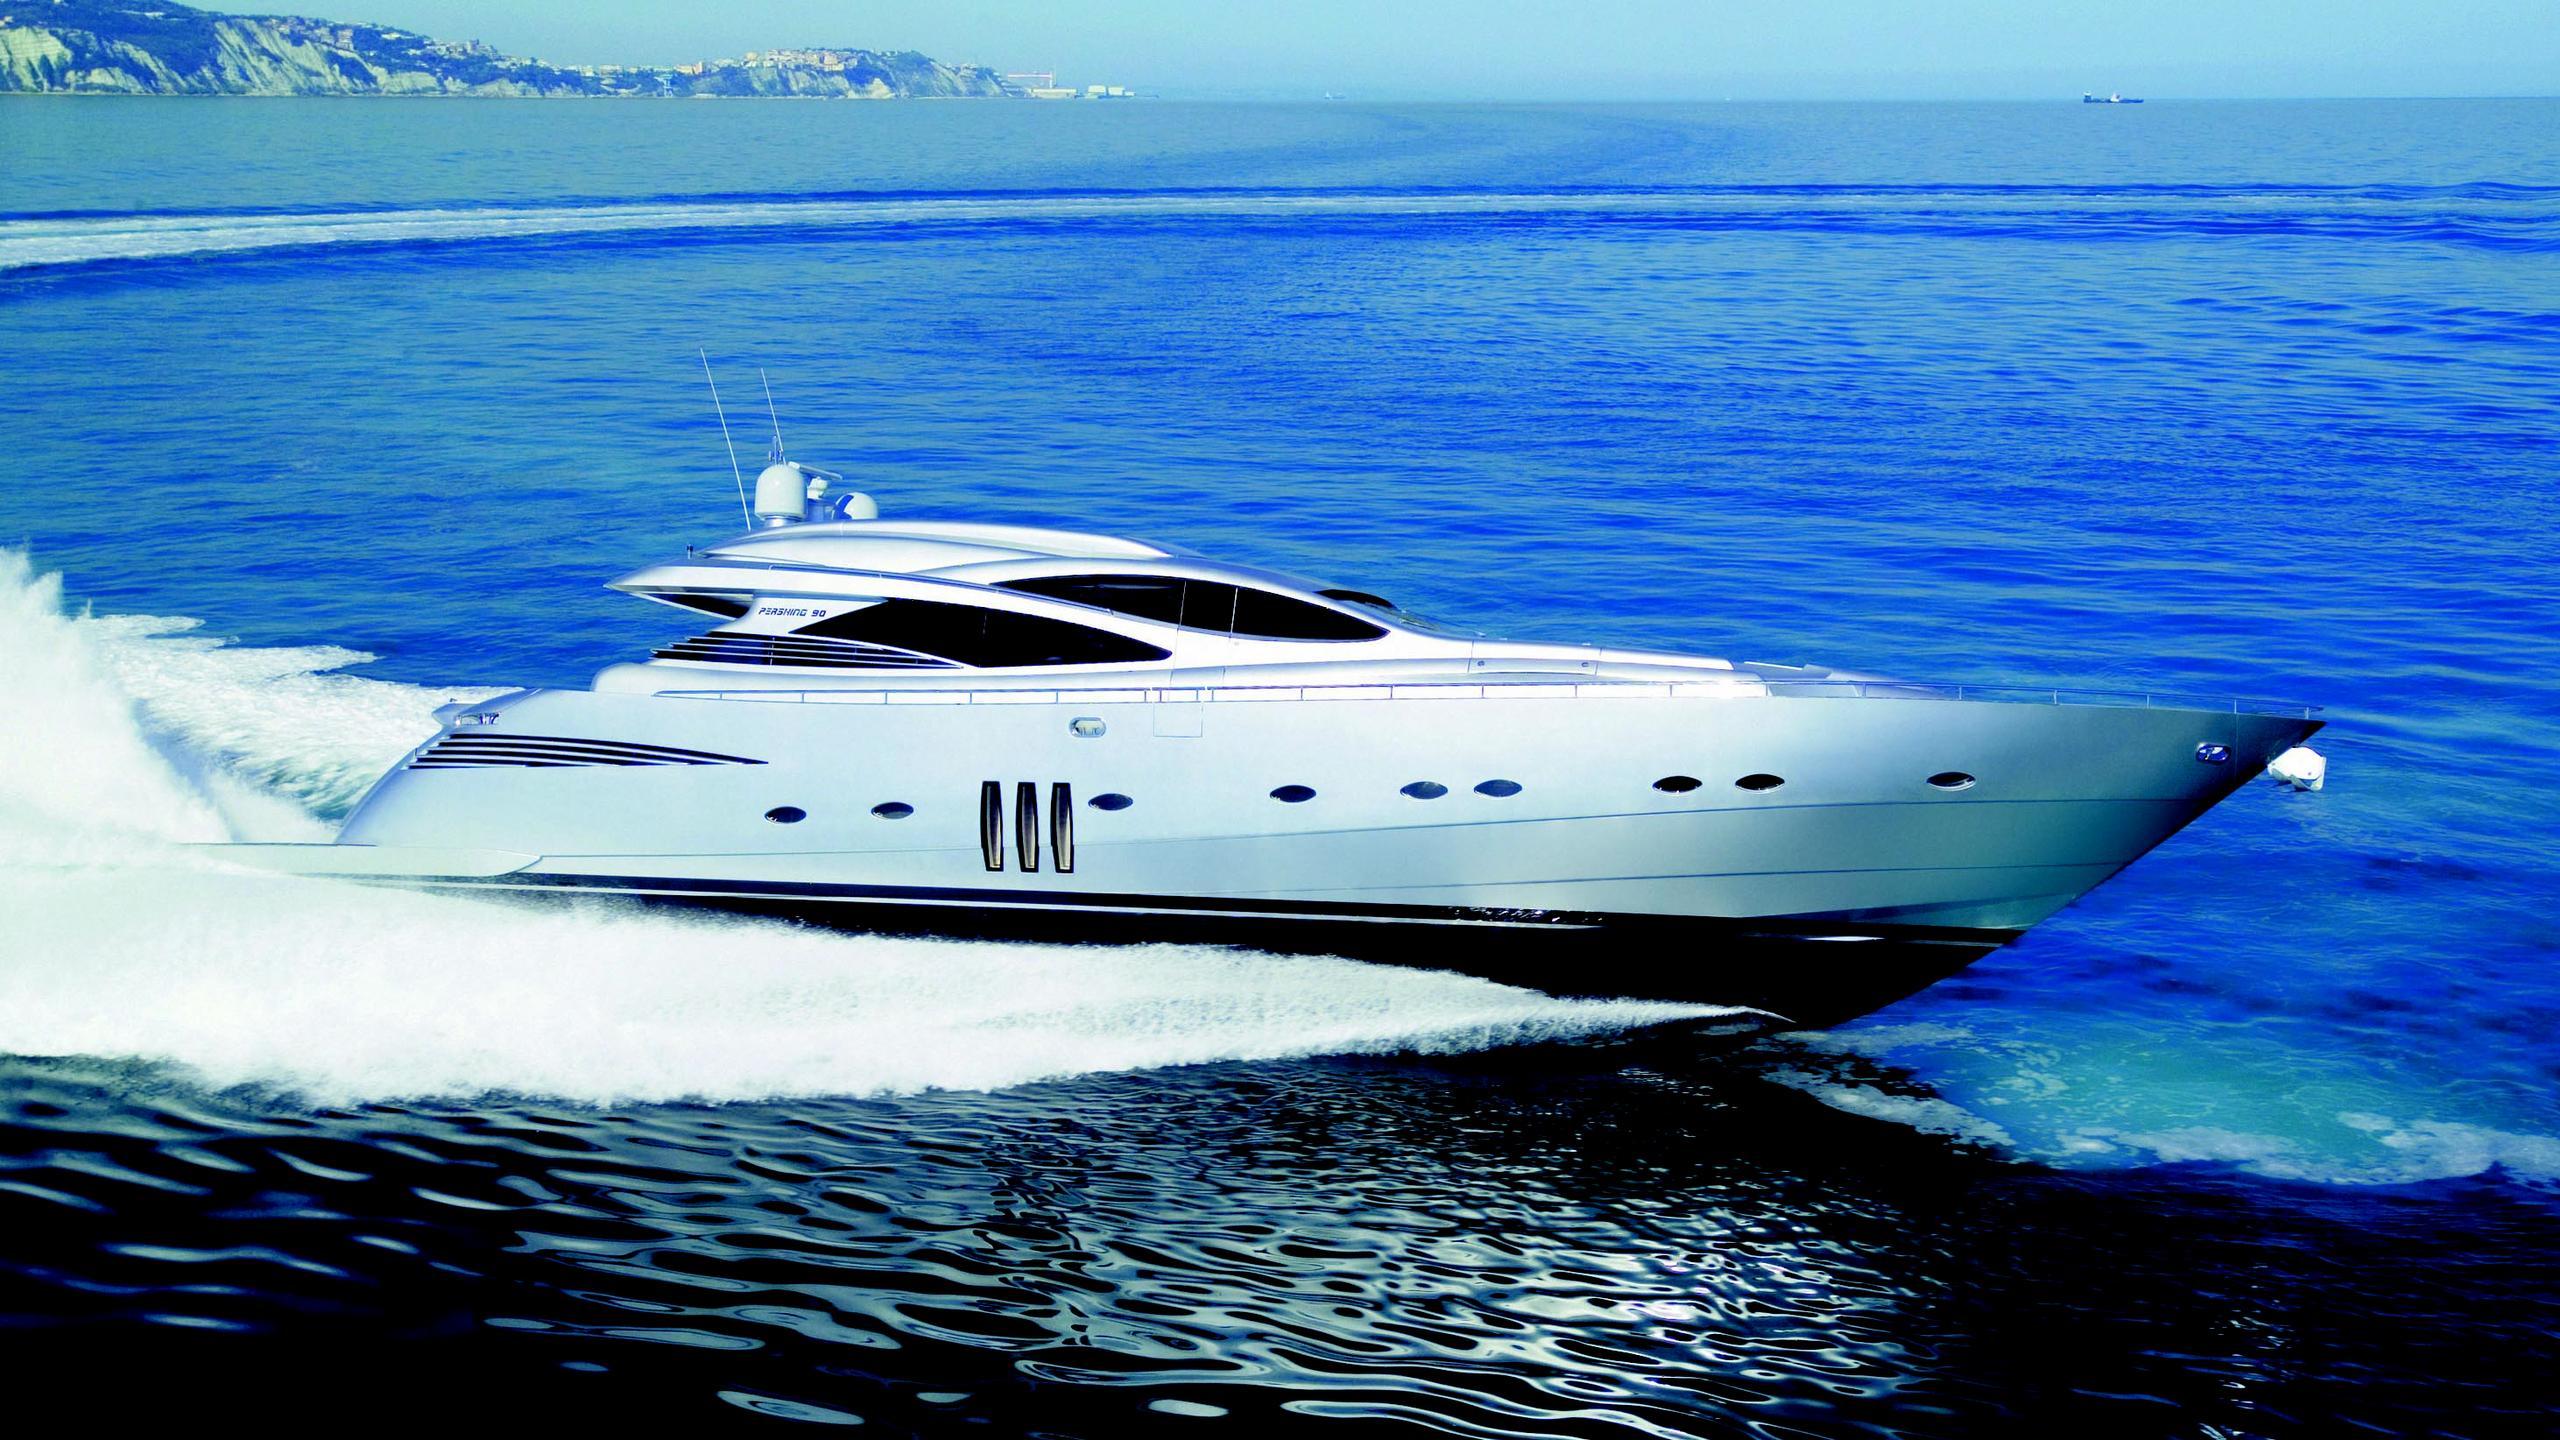 pershing-90-06-motor-yacht-2006-27m-cruising